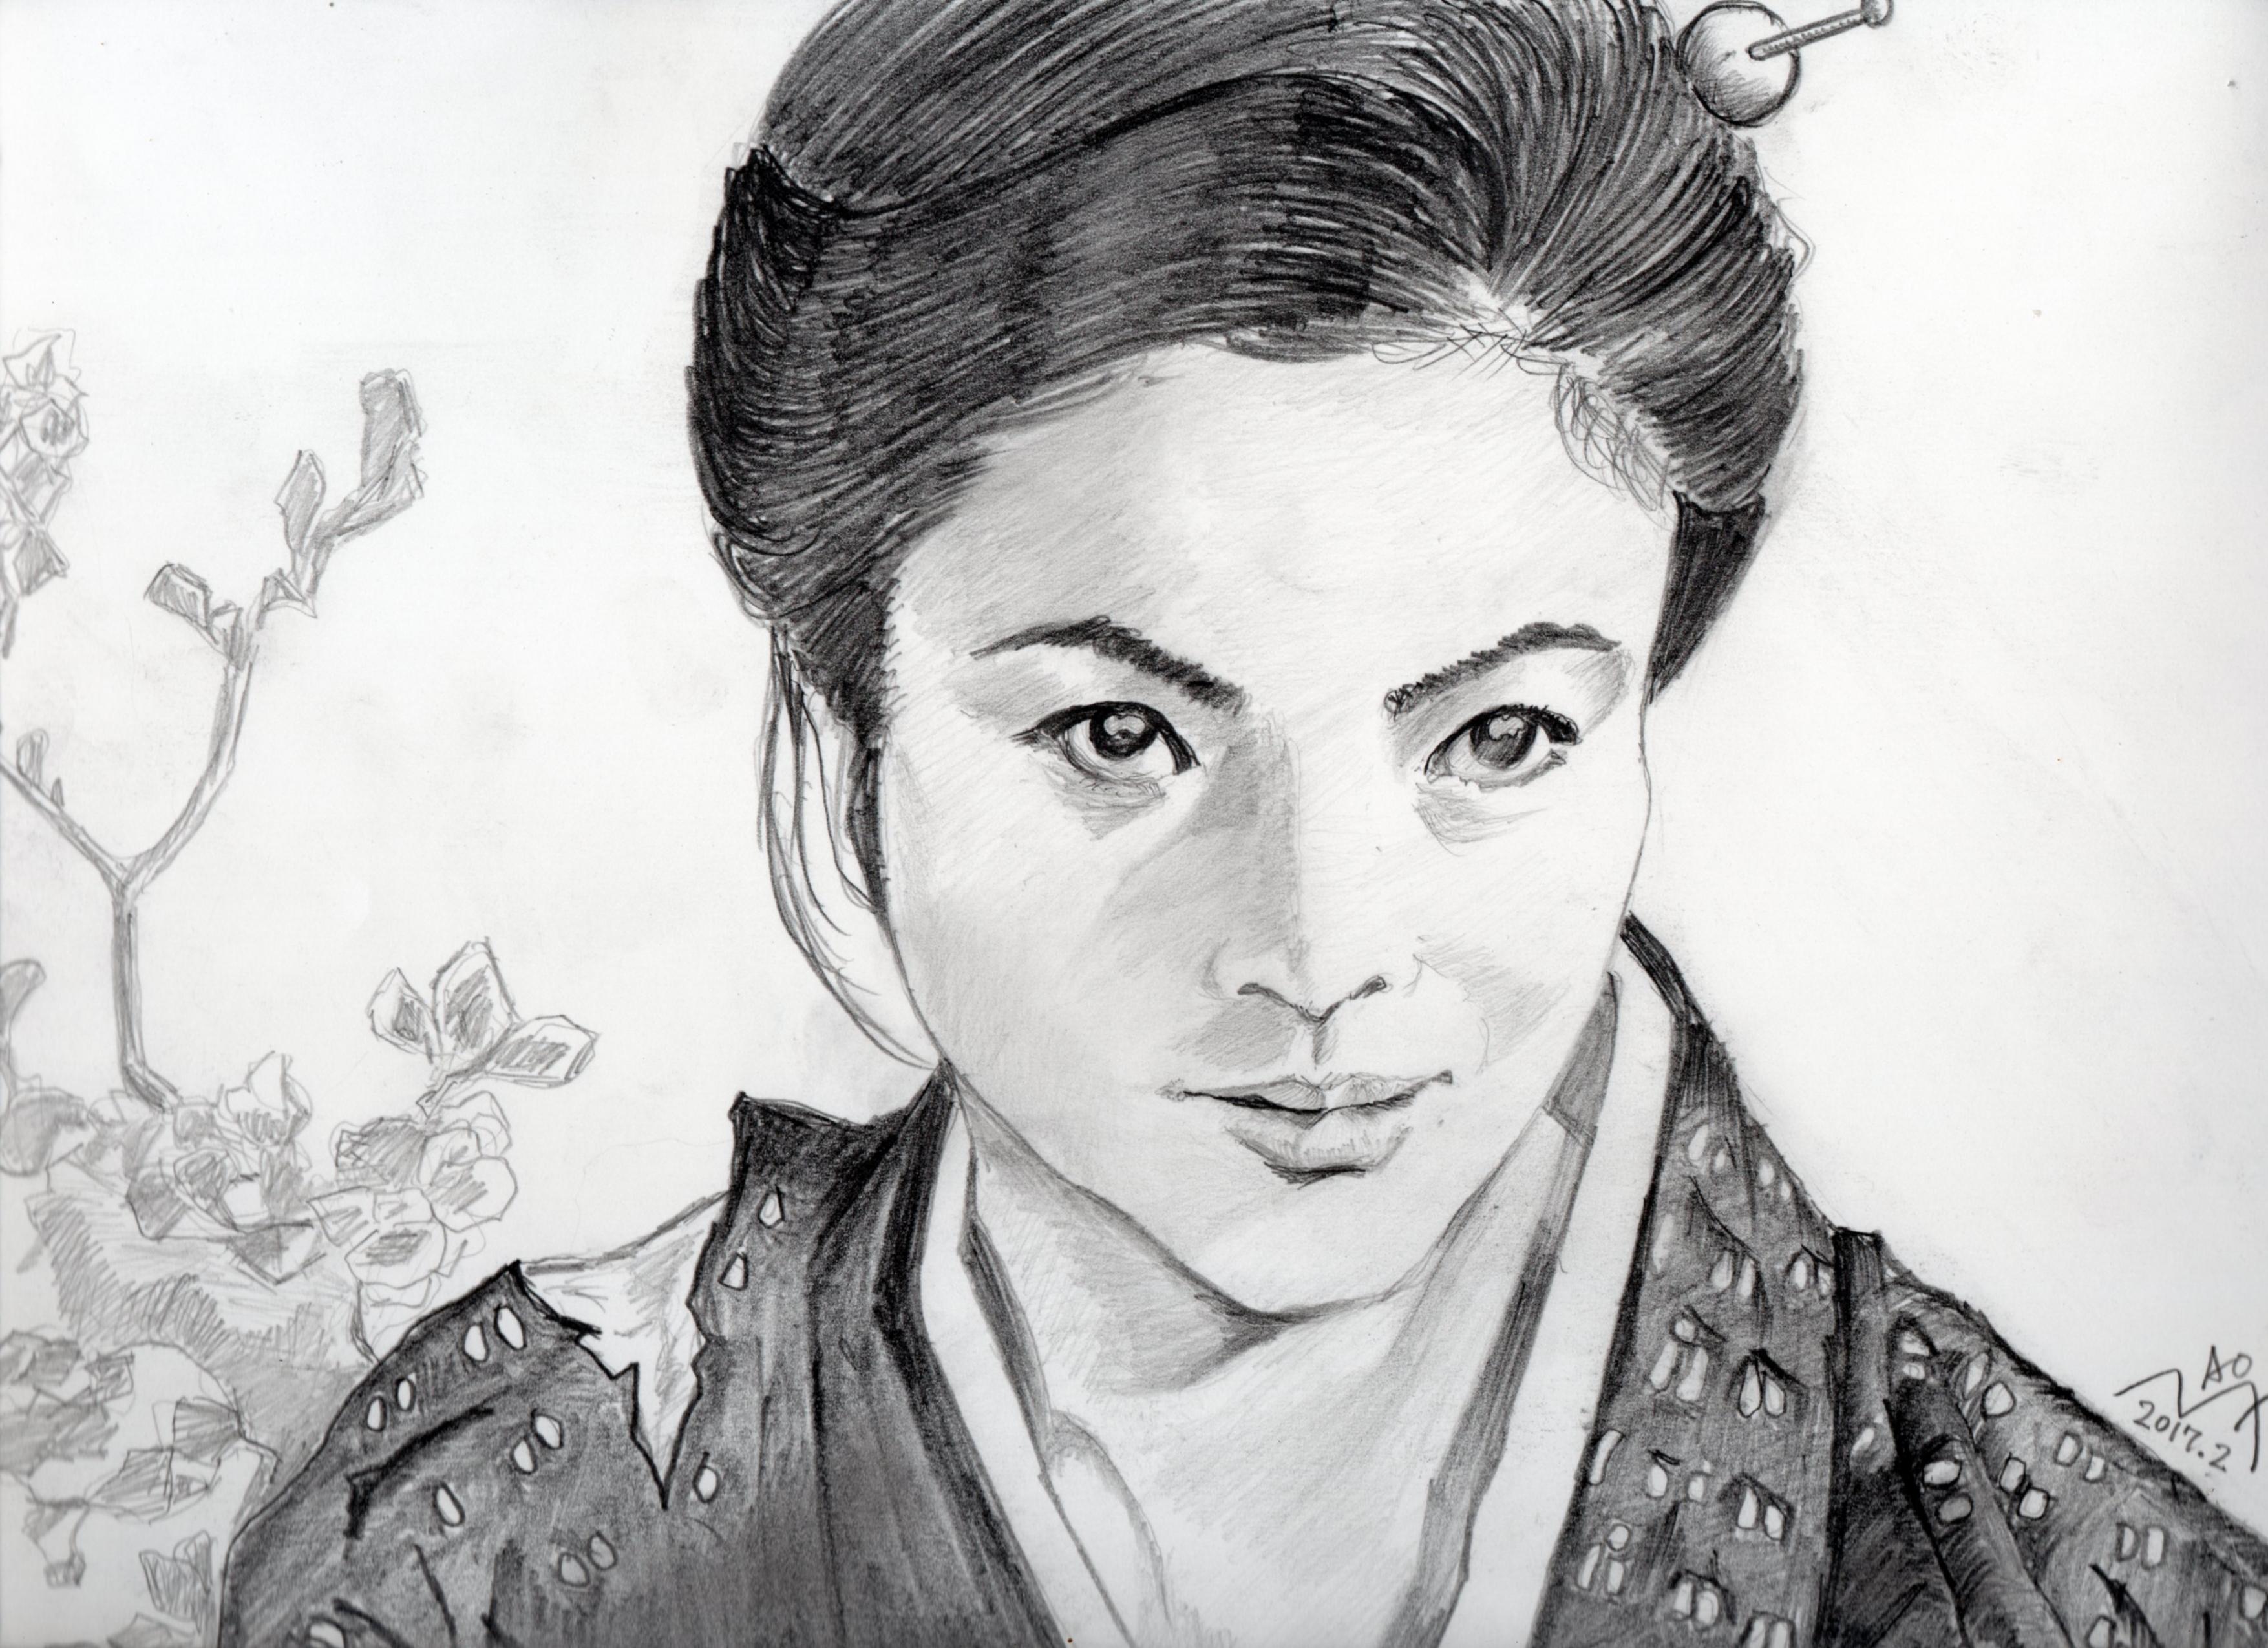 緋牡丹博徒、藤純子の鉛筆画似顔絵